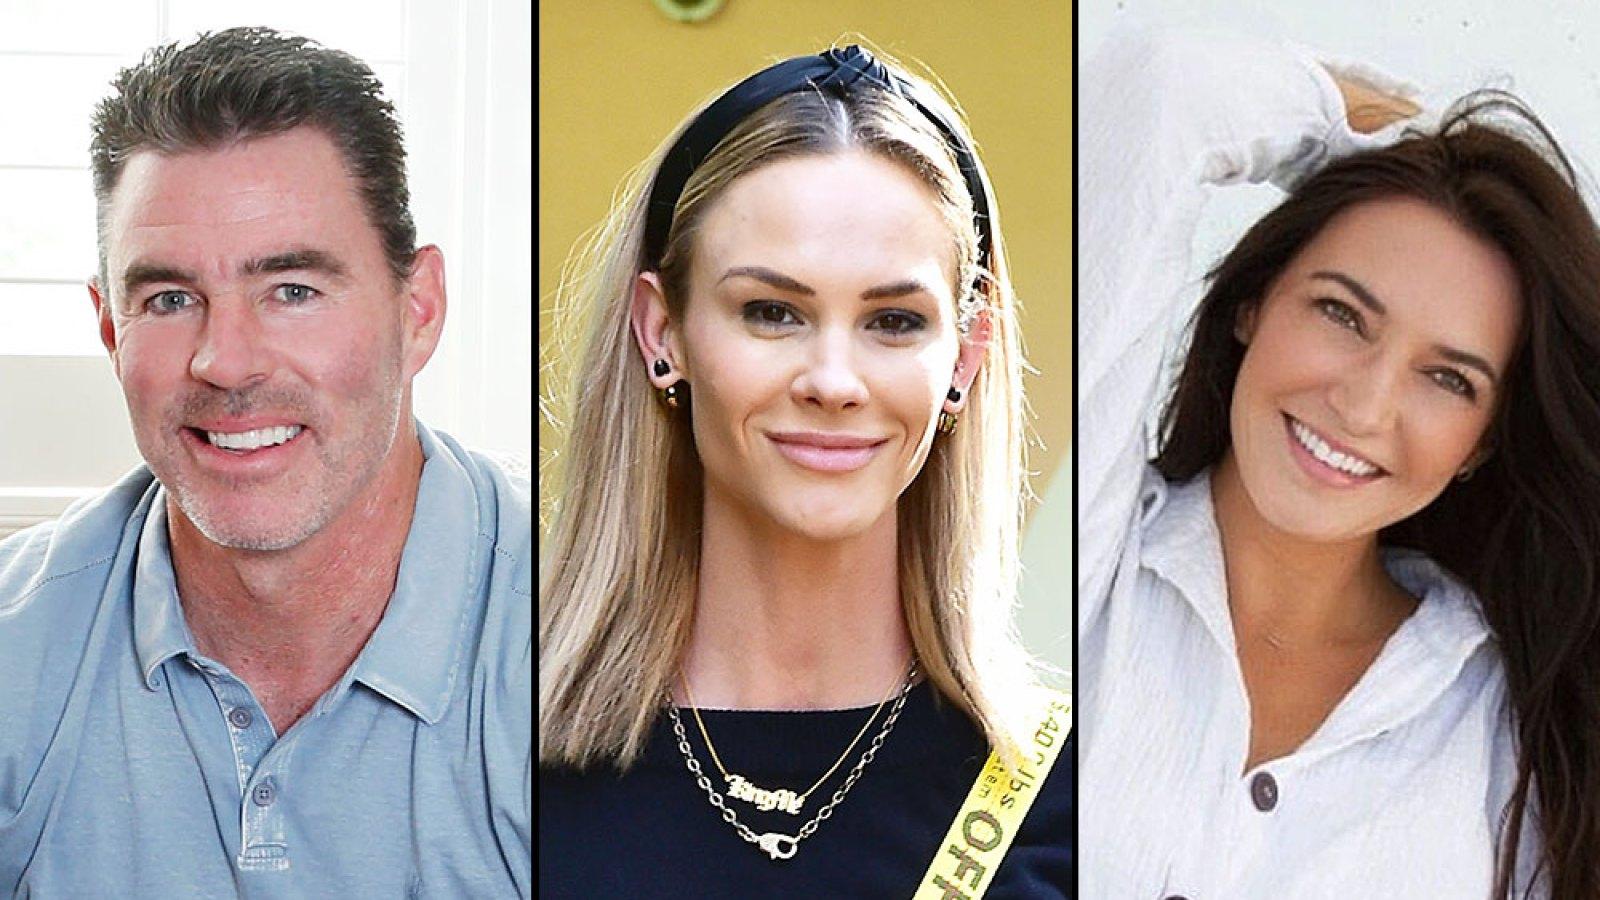 Jim Edmonds Meghan King Edmonds Threesome Friend Identified